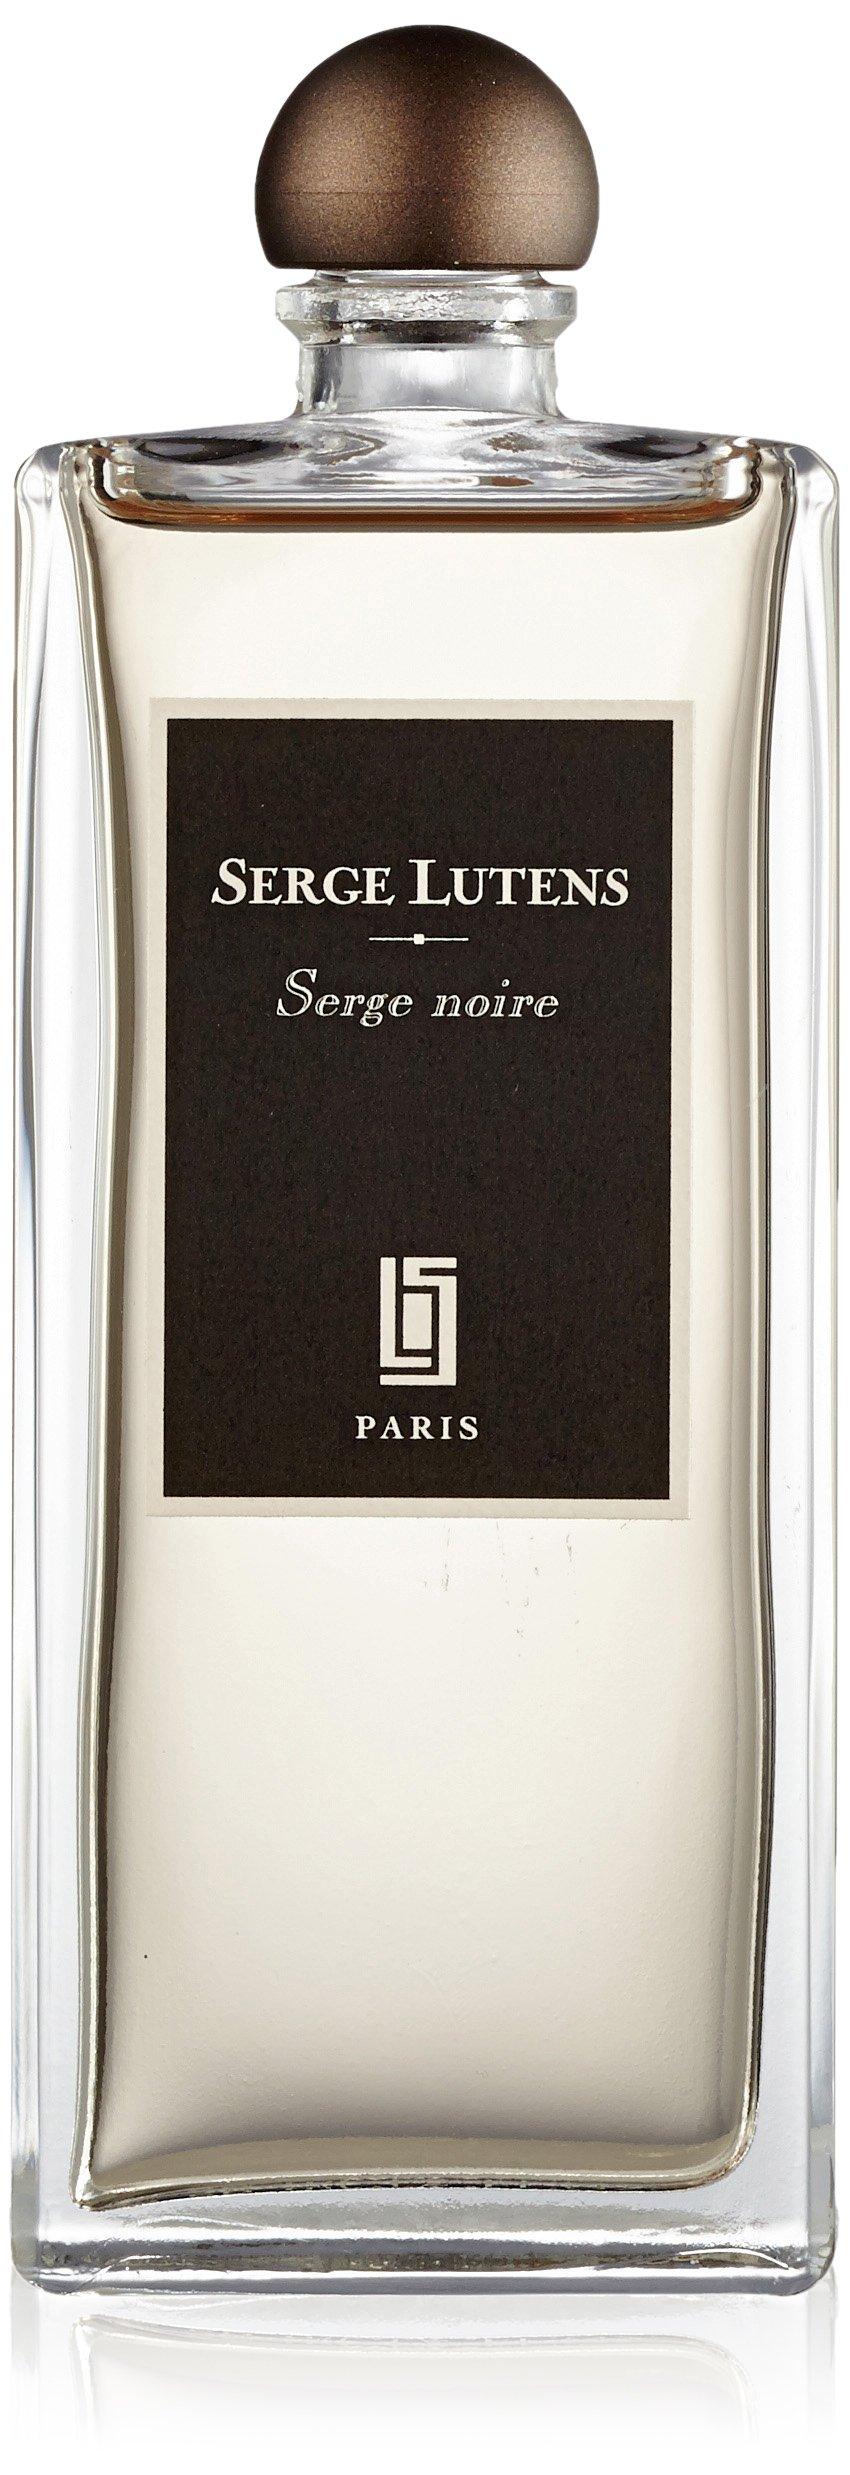 Serge Lutens Serge Noire Eau de Parfum Spray, 1.7 Ounce